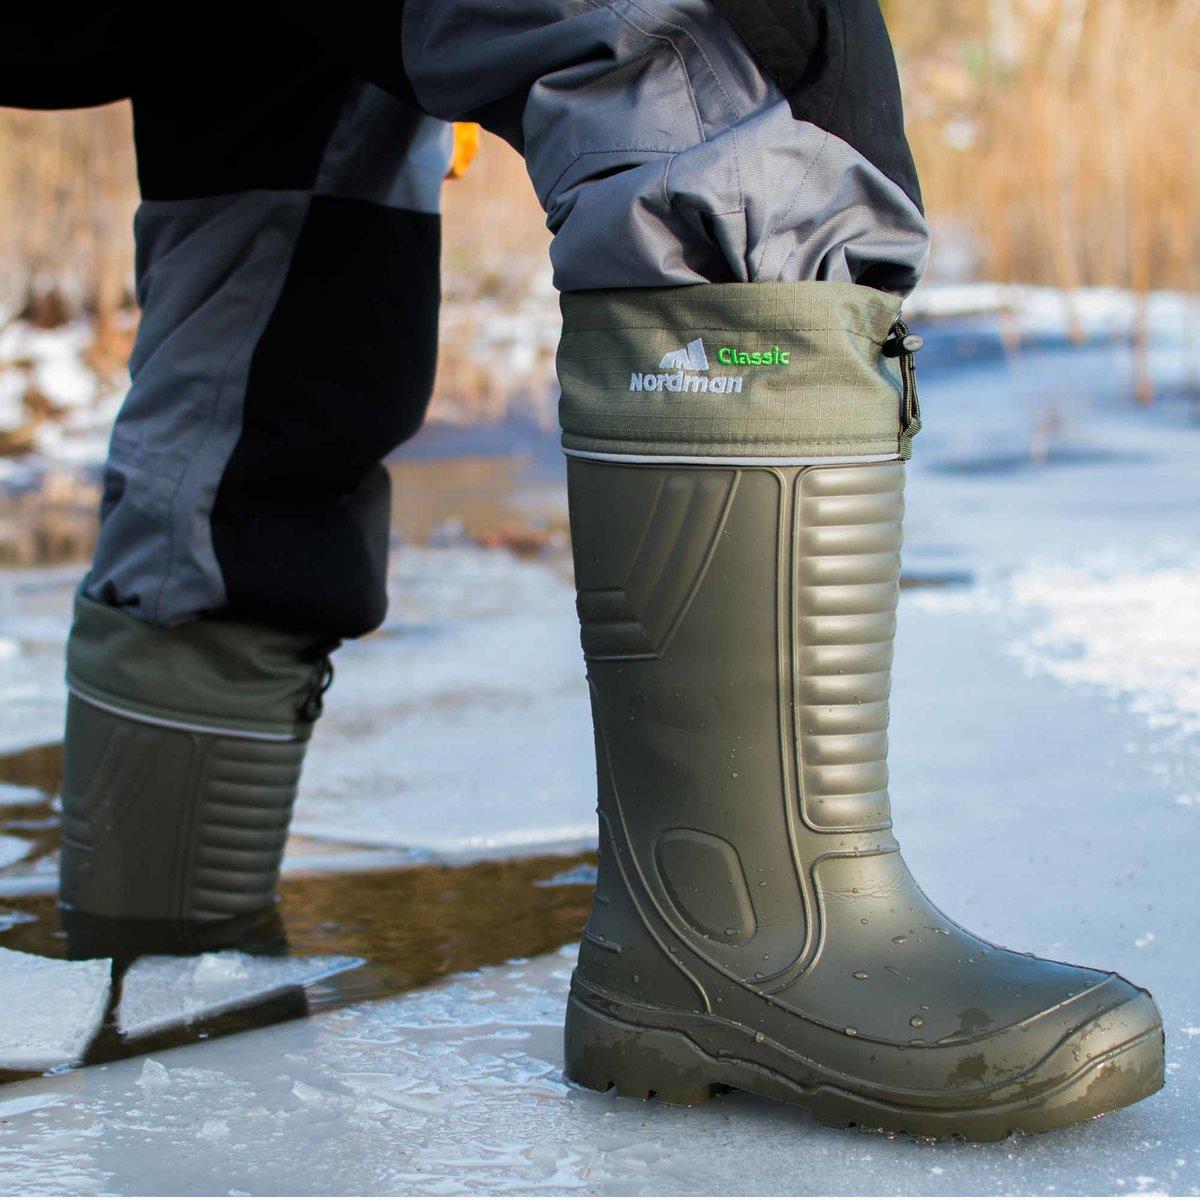 Зимние сапоги для рыбалки какие лучше